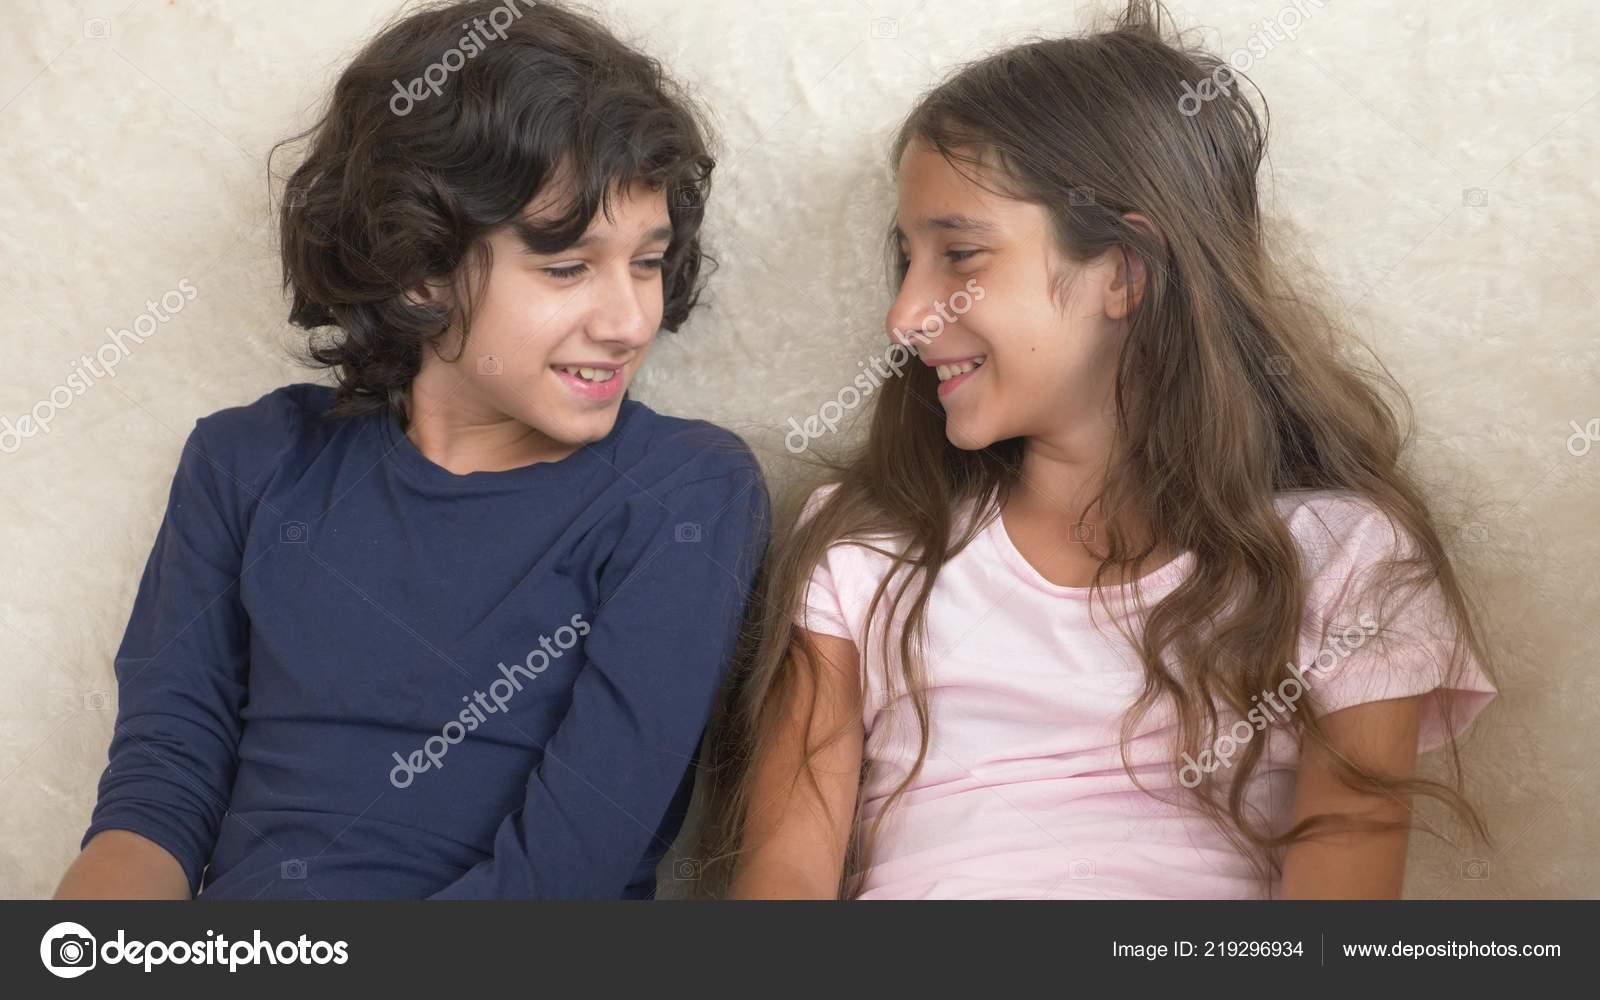 Сестра соблозняет брата, Сестра соблазнила своего брата - смотреть порно 20 фотография